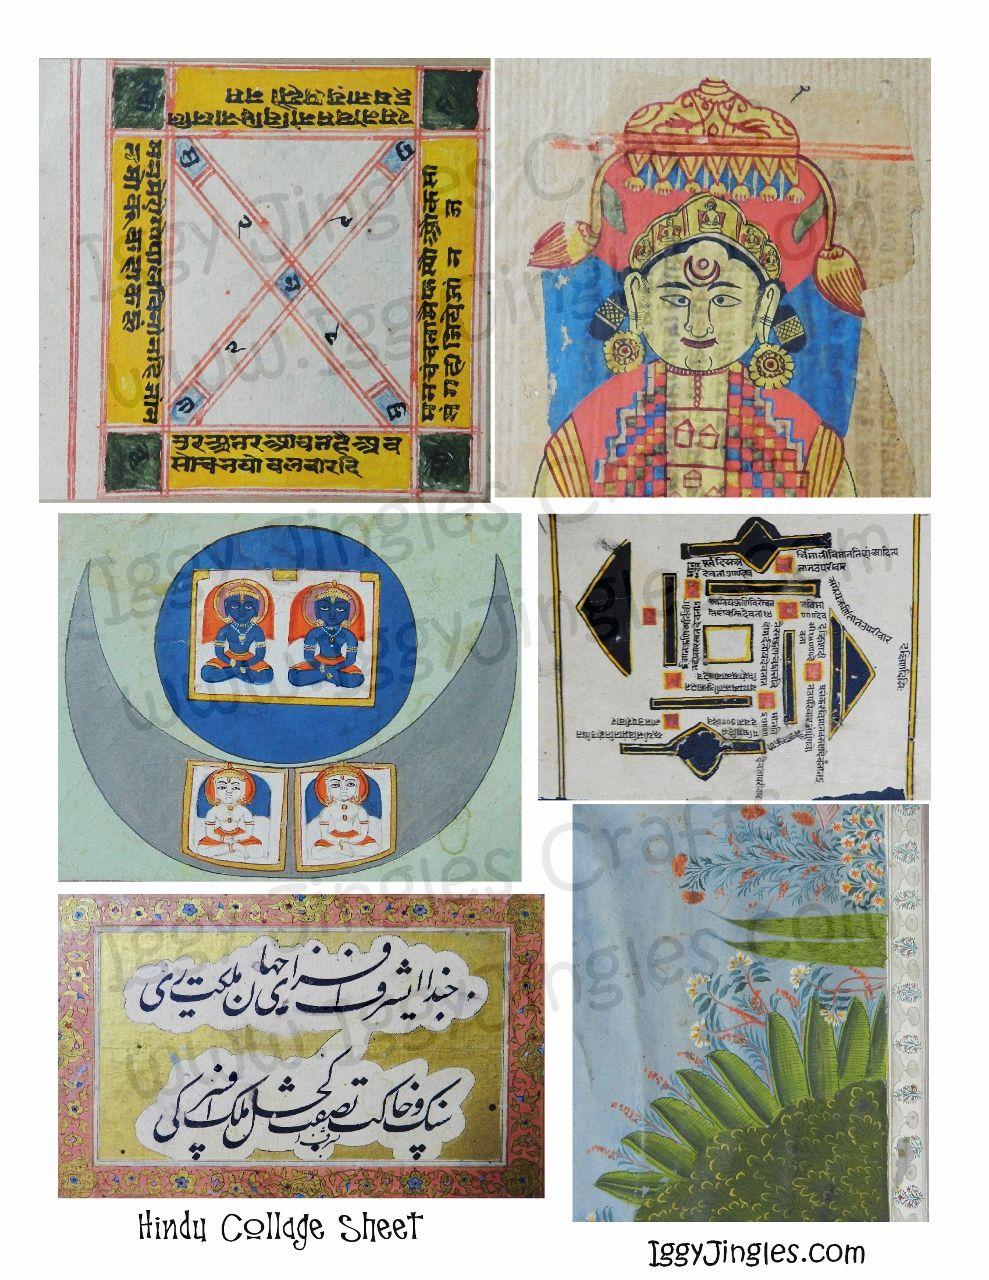 Hindu Images Collage Sheet